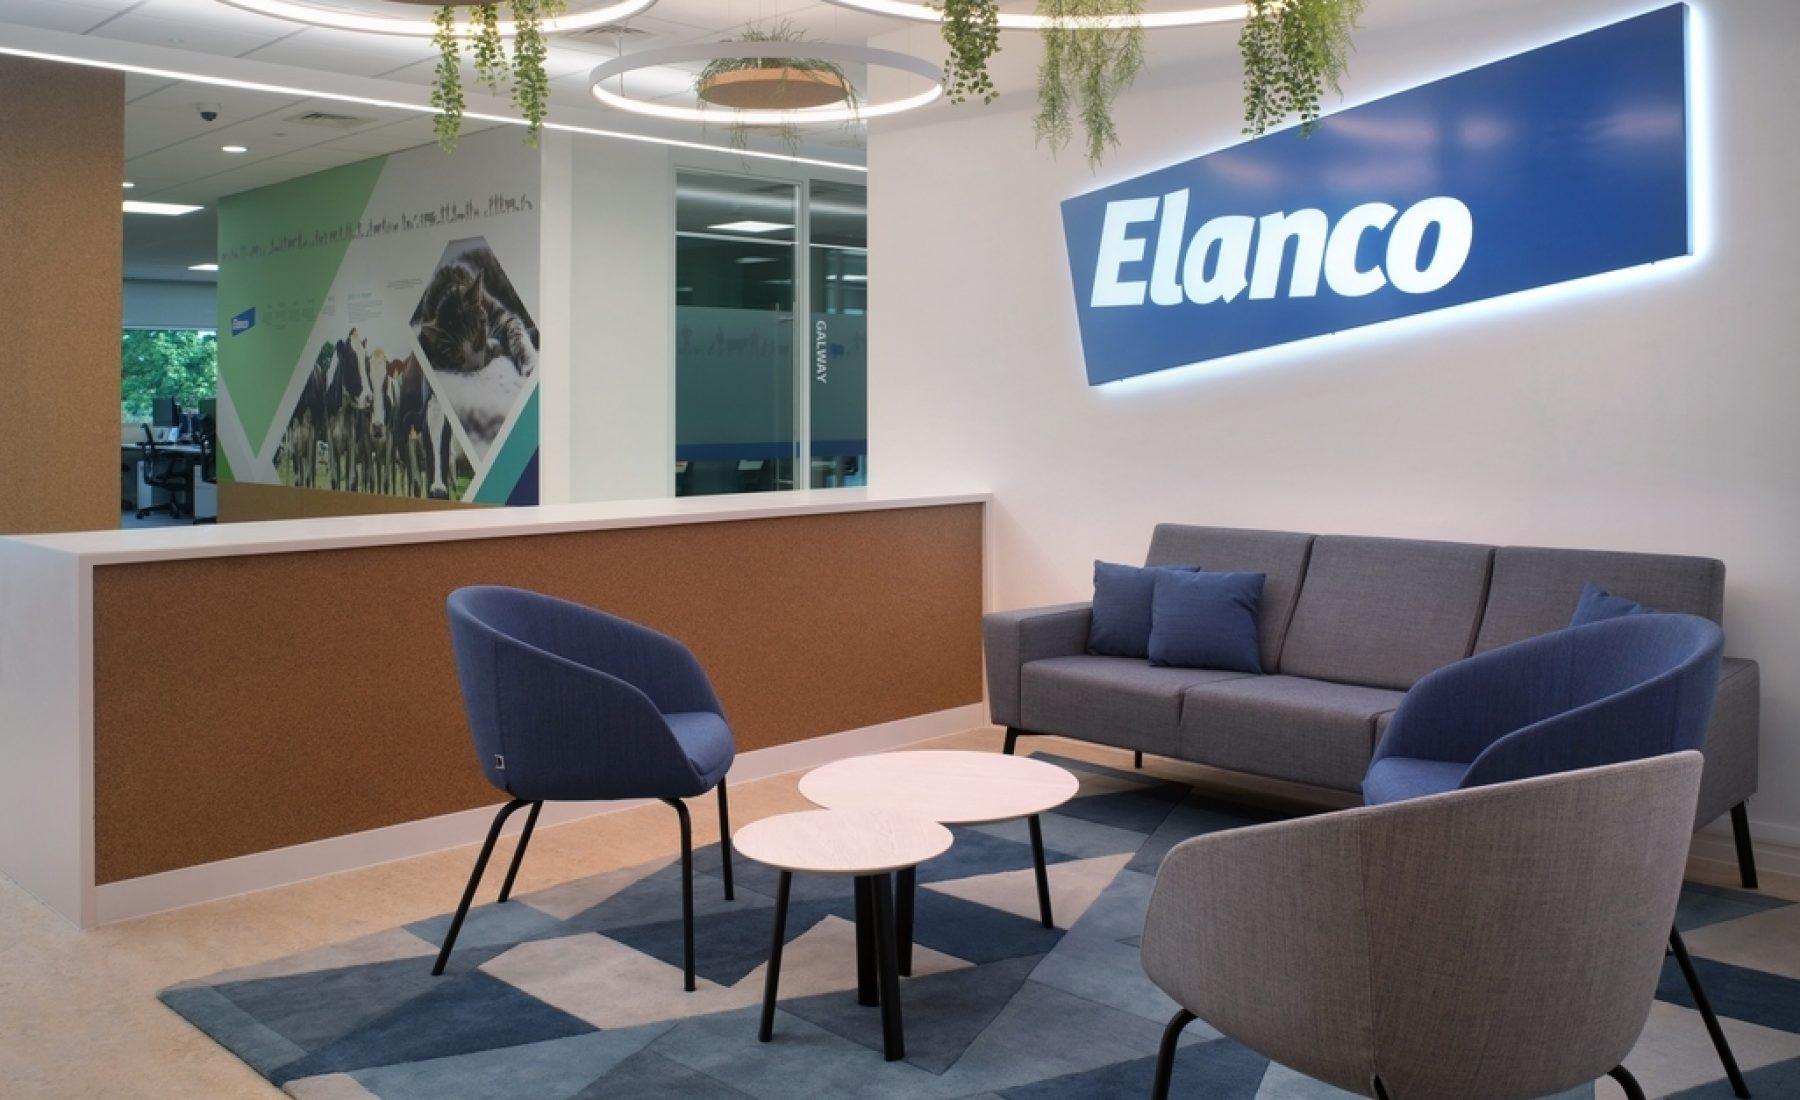 Elanco reception design by Morgan Lovell